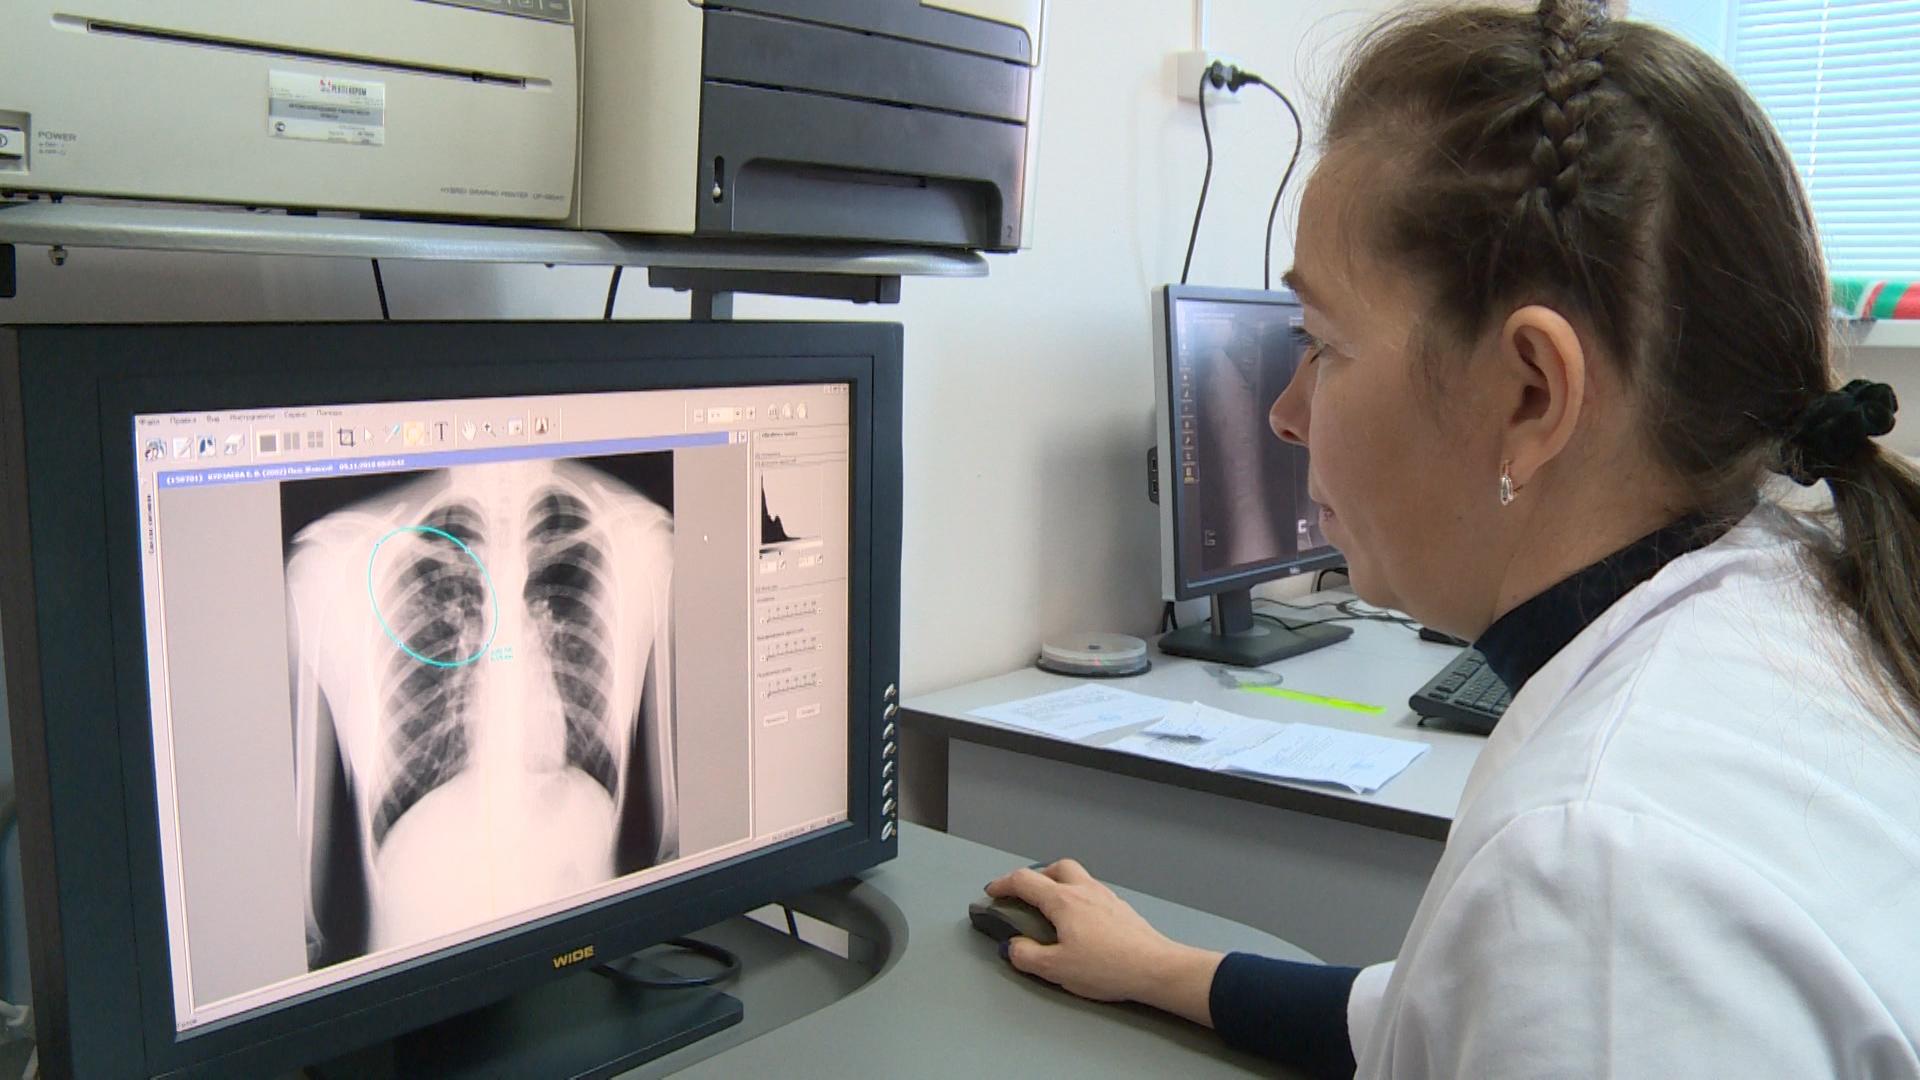 Коронавирусная пневмония: более сотни заболевших за сутки